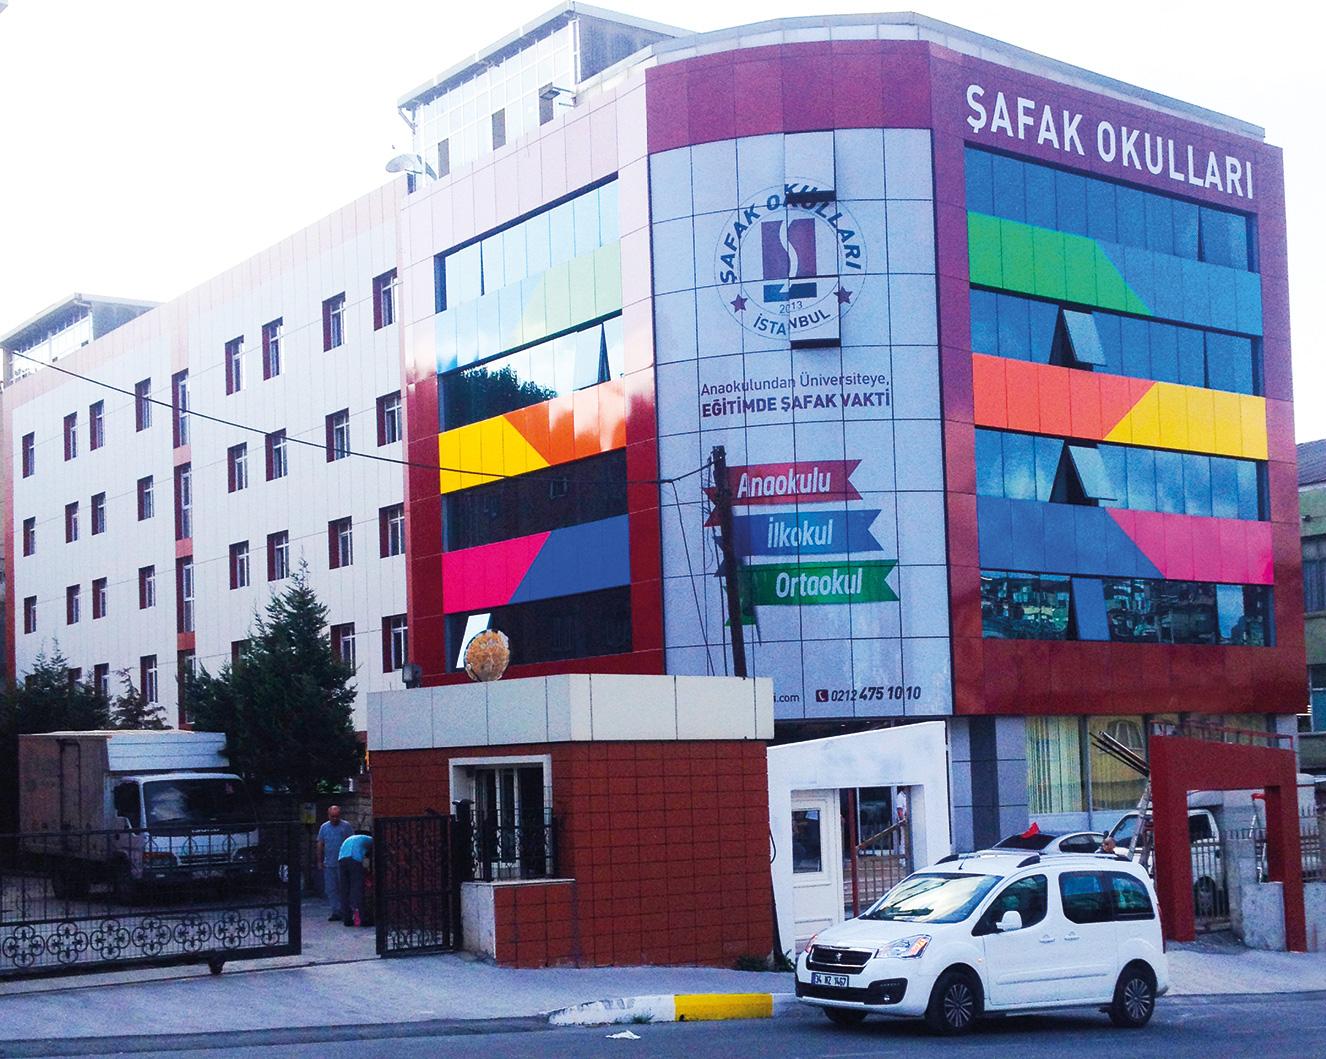 Şafak Okulları Küçükköy İlkokulu